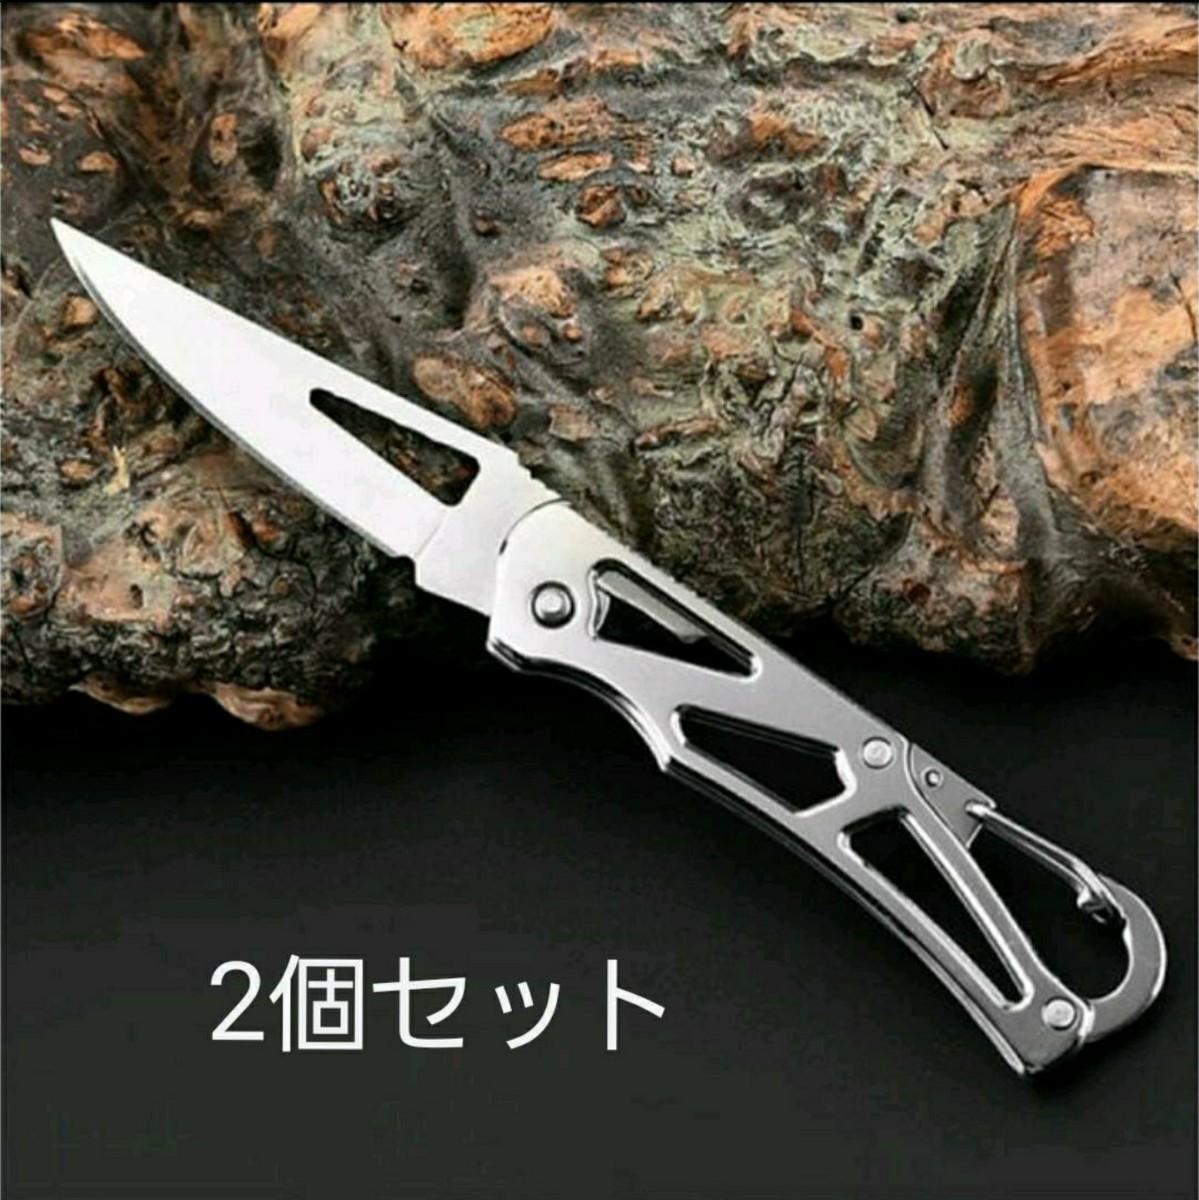 ナイフ 折り畳み  2個セット 匿名配送 アウトドア フィッシング 登山 防災